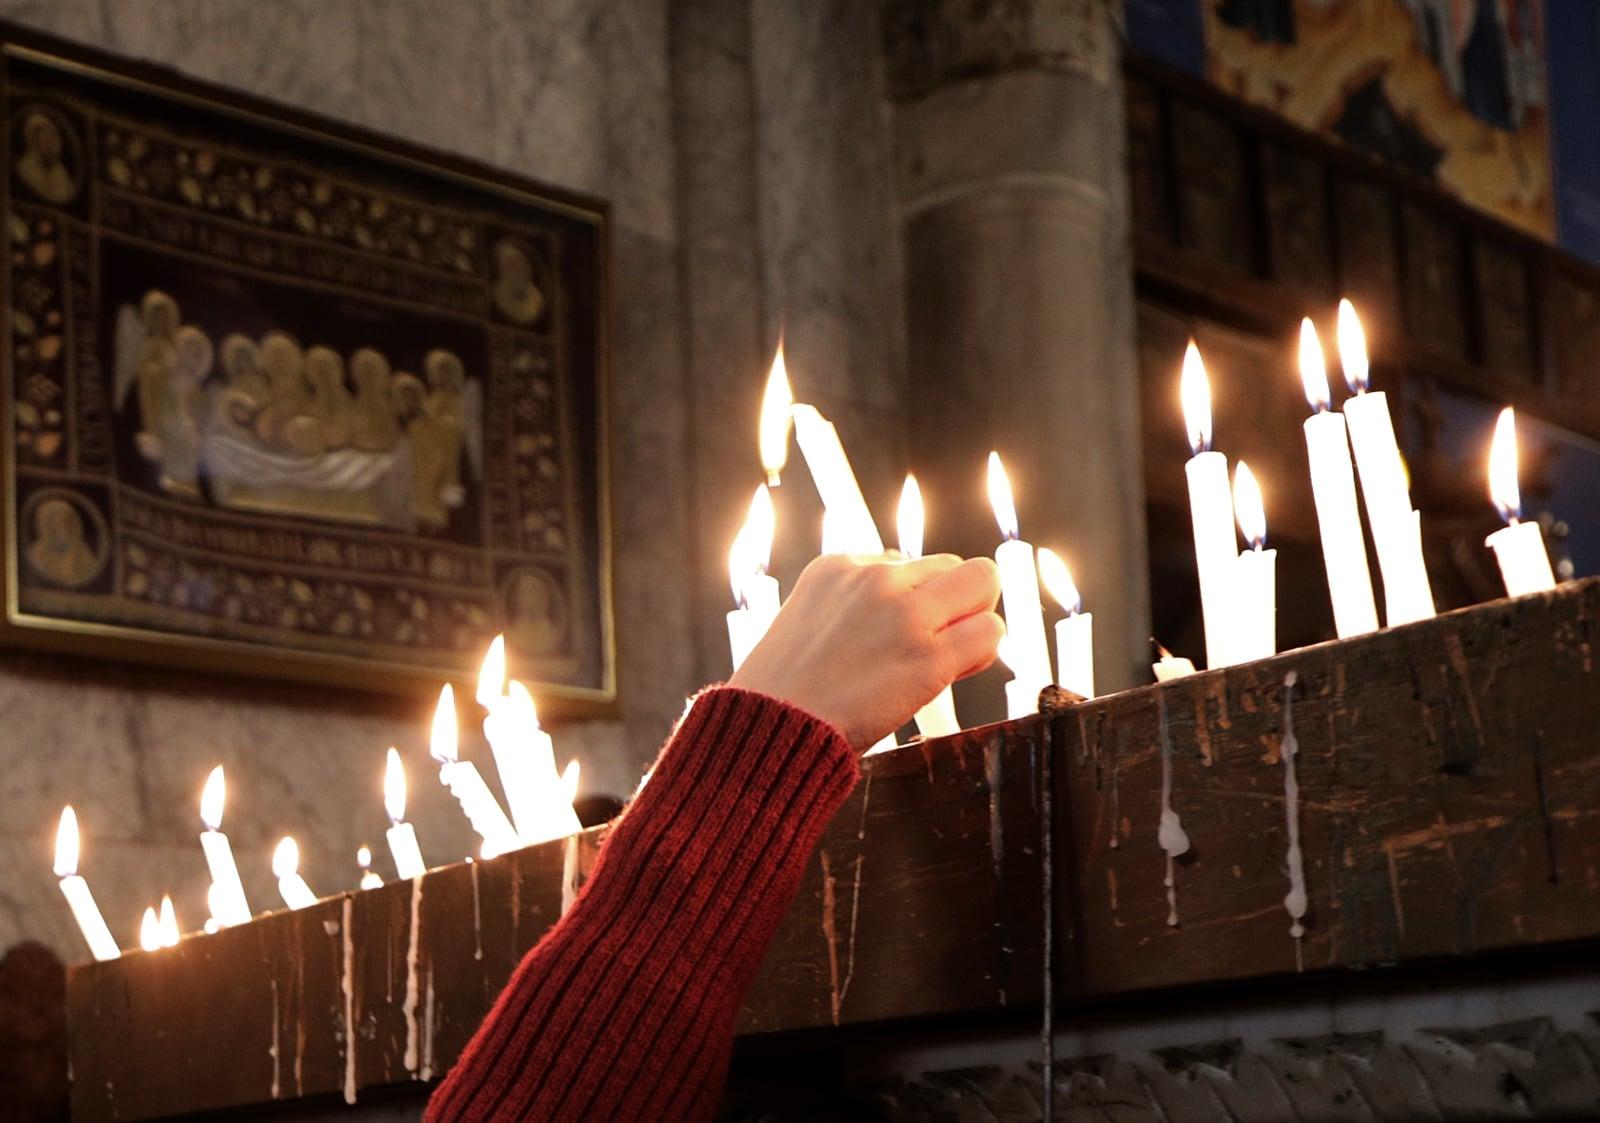 Boże Narodzenie u palestyńskich prawosławnych EPA/MOHAMMED SABER